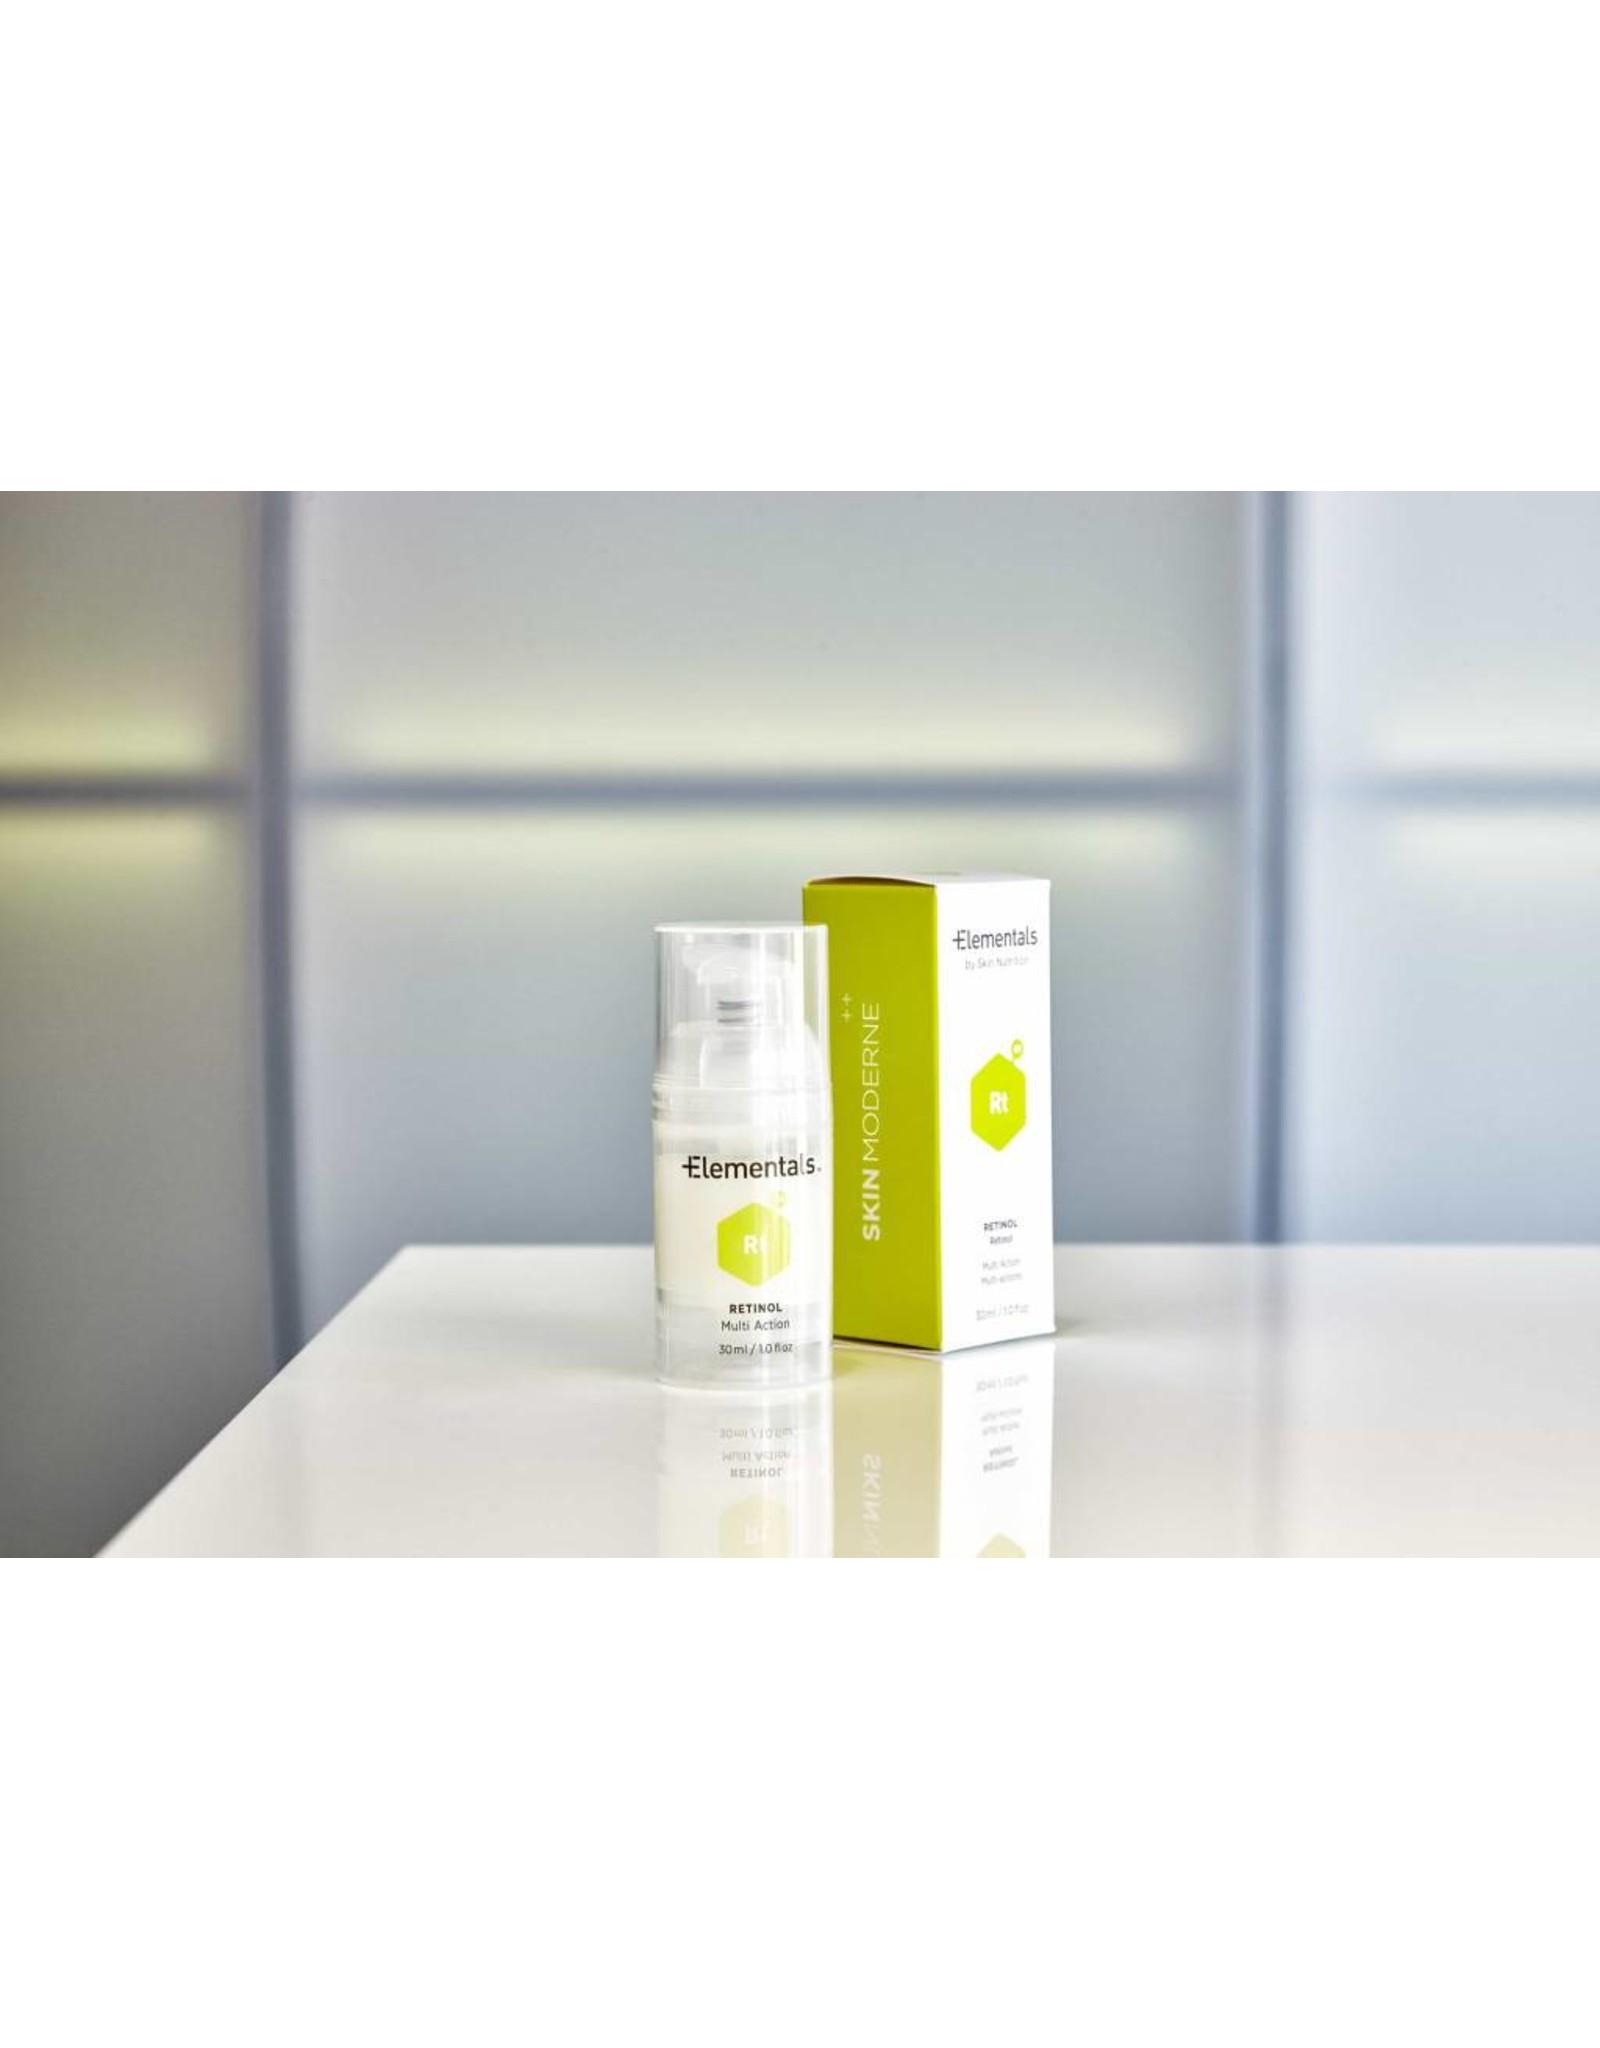 Elementals - by Skin Nutrition Elementals Retinol Vitamin A